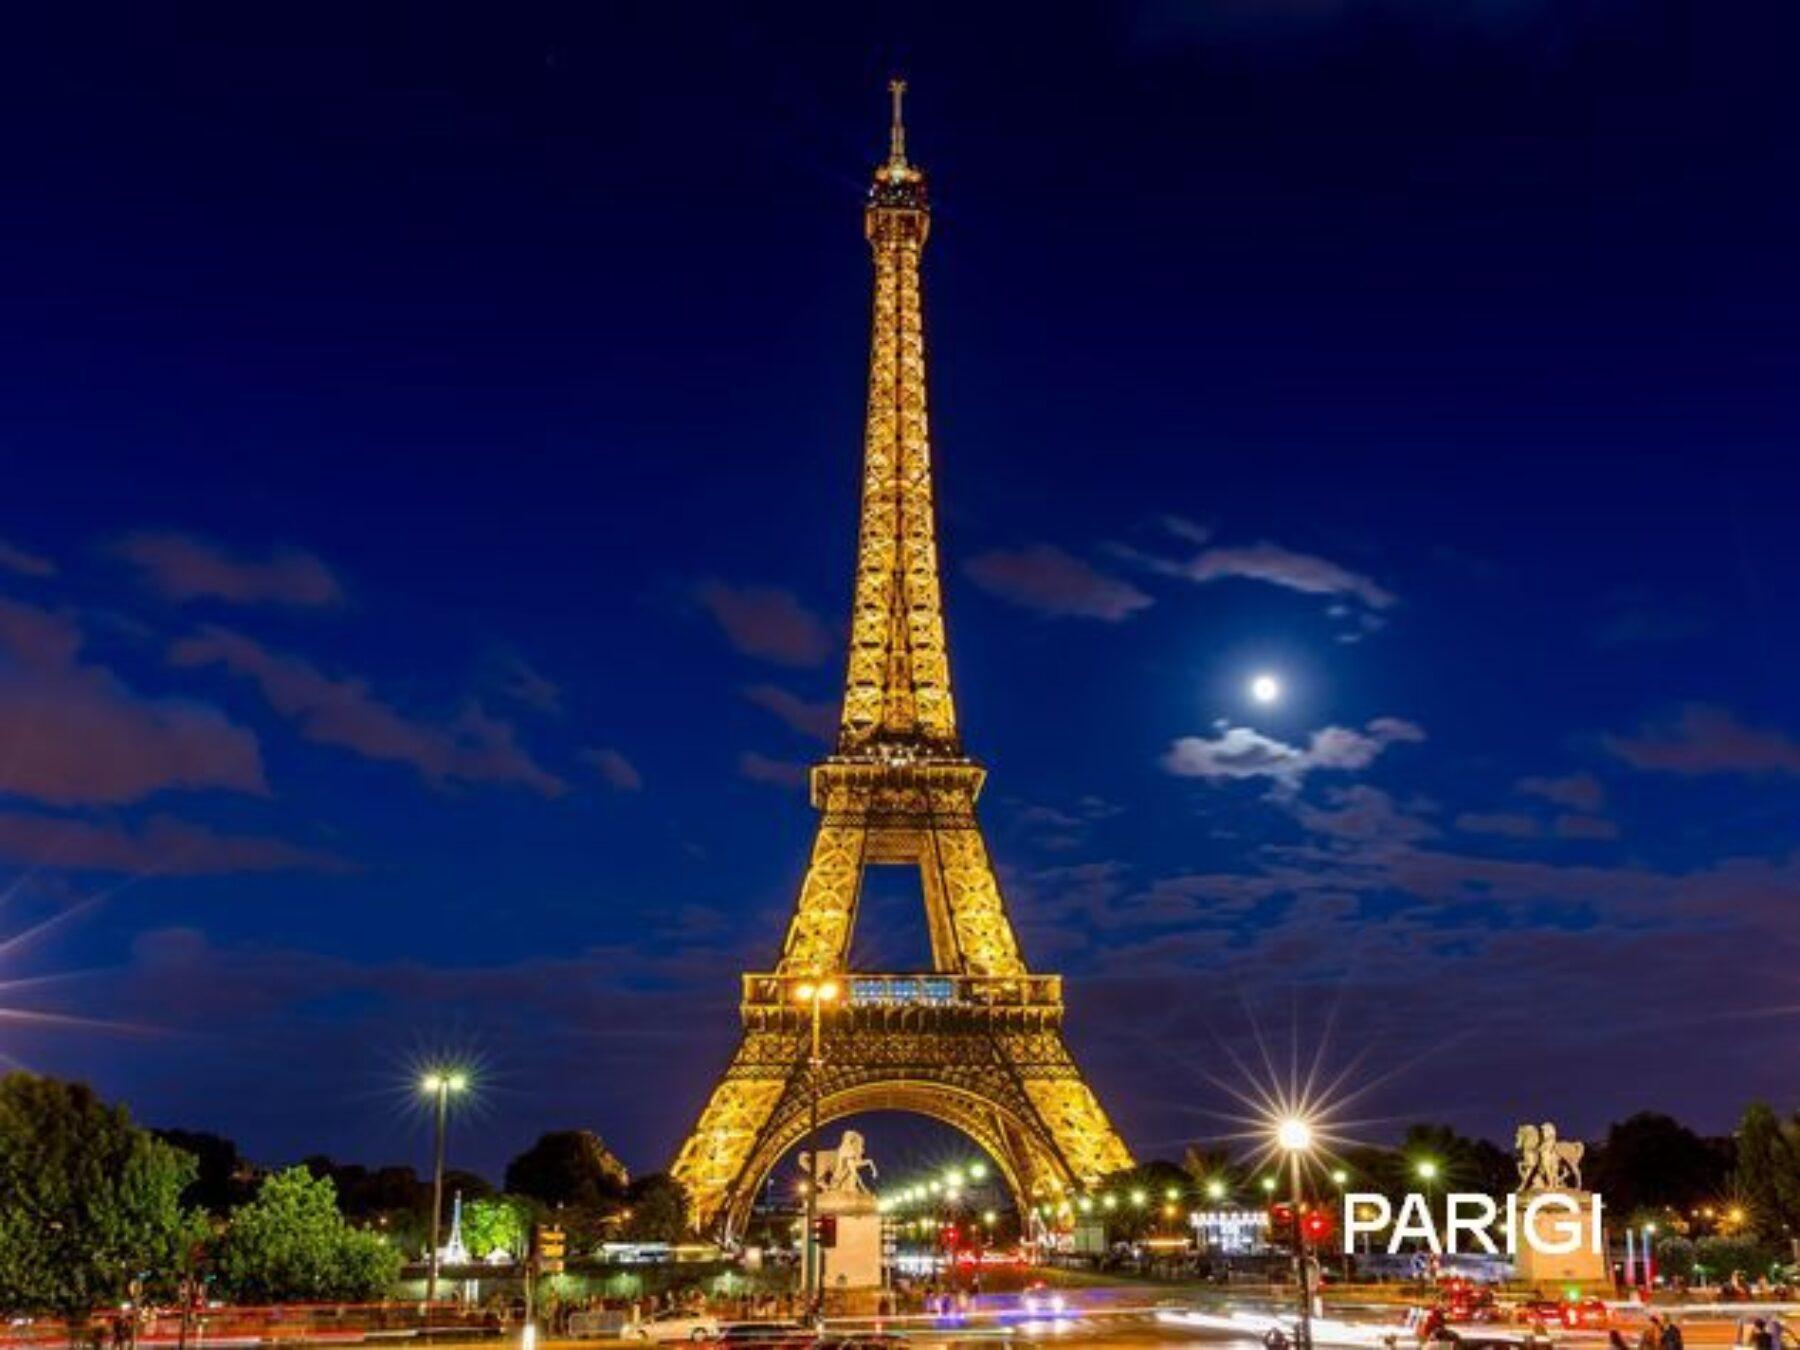 Parigi S